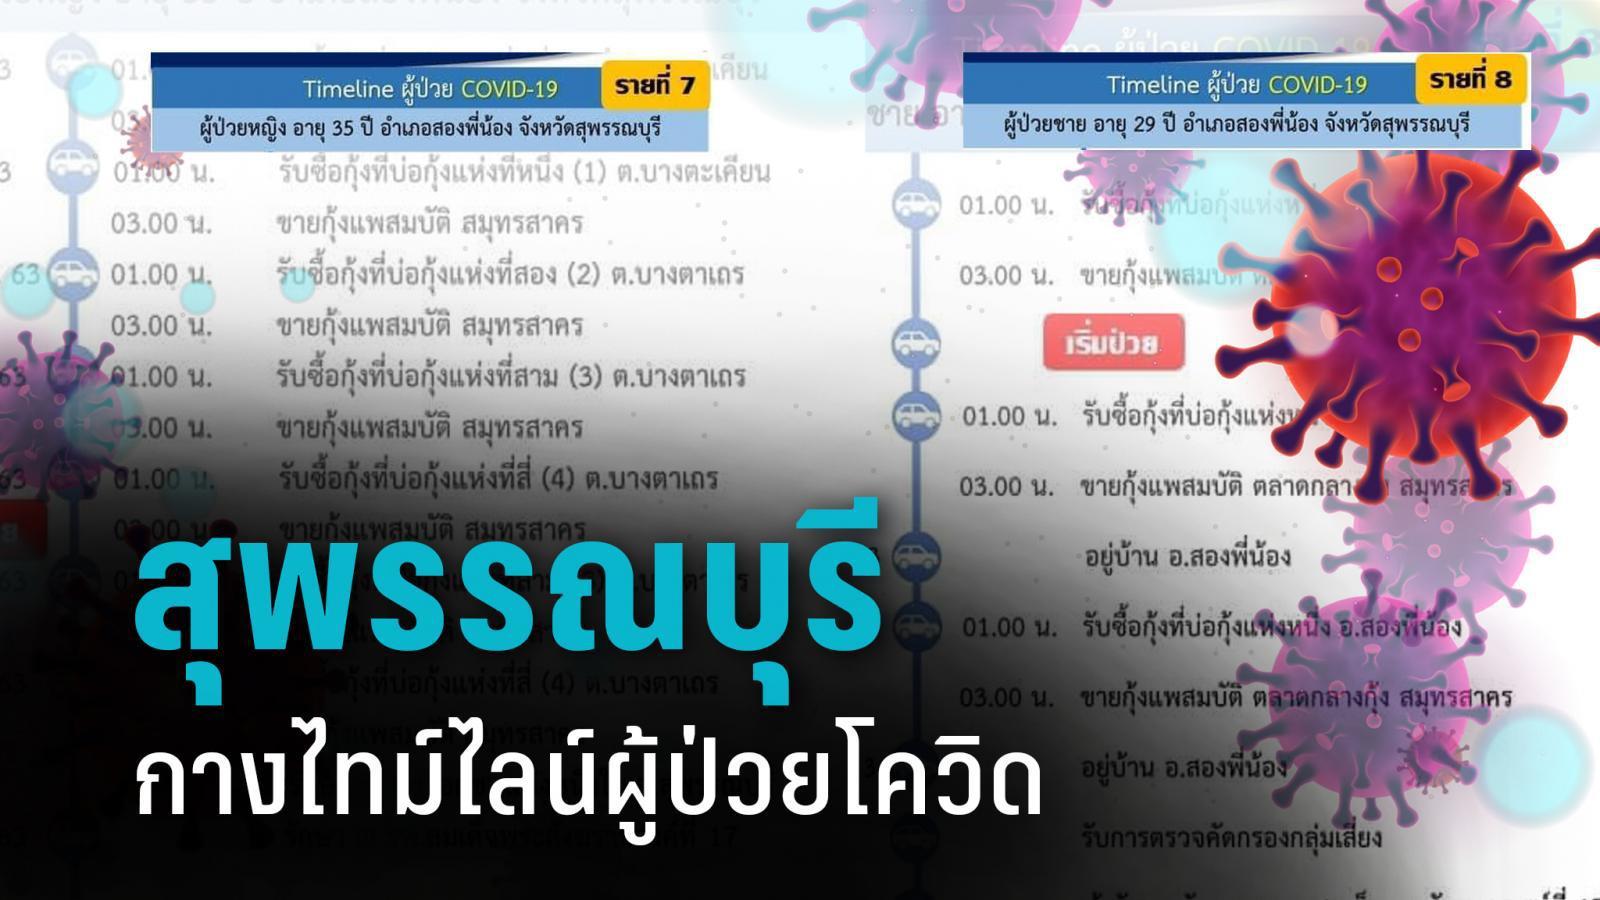 สุพรรณบุรี กางไทม์ไลน์ผู้ป่วยโควิด 2 รายพบเชื่อมโยงตลาดกุ้งสมุทรสาคร